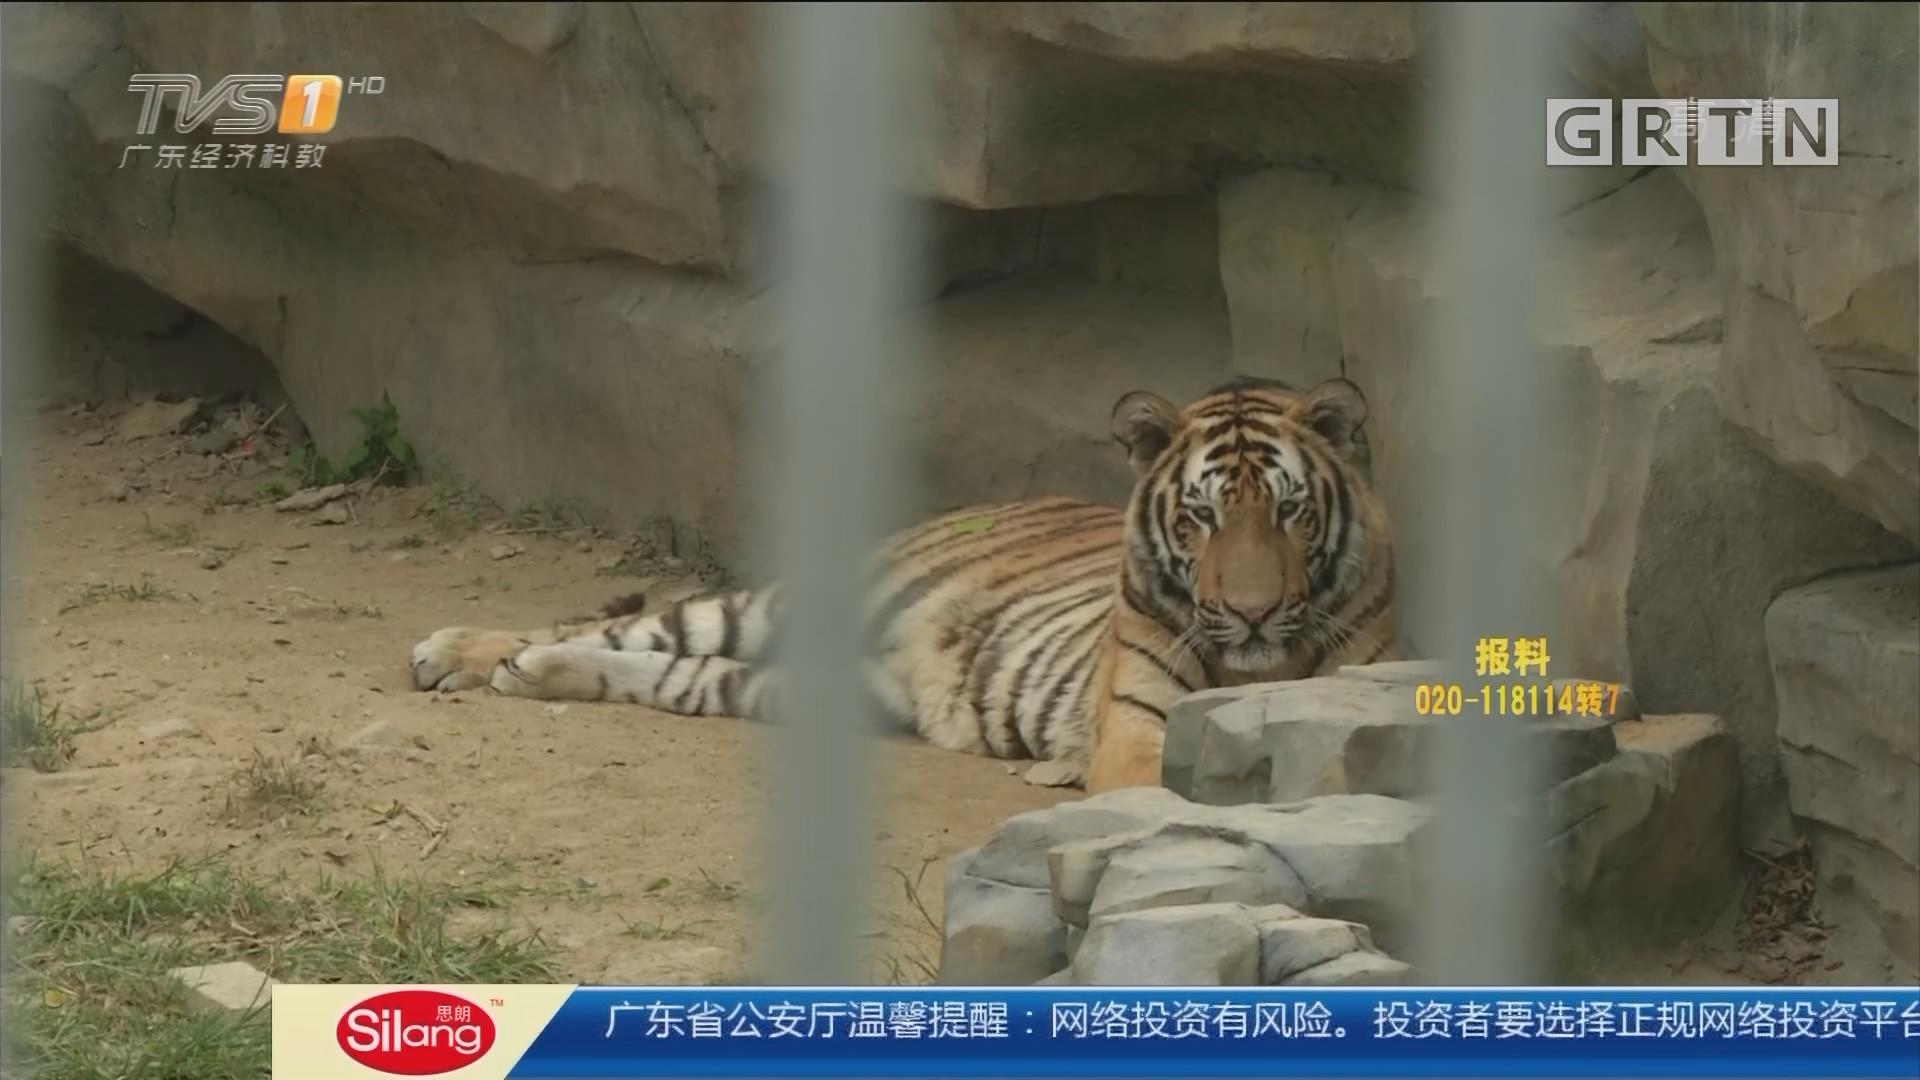 江门:老虎误吞塑料瓶致呕吐? 园区回应